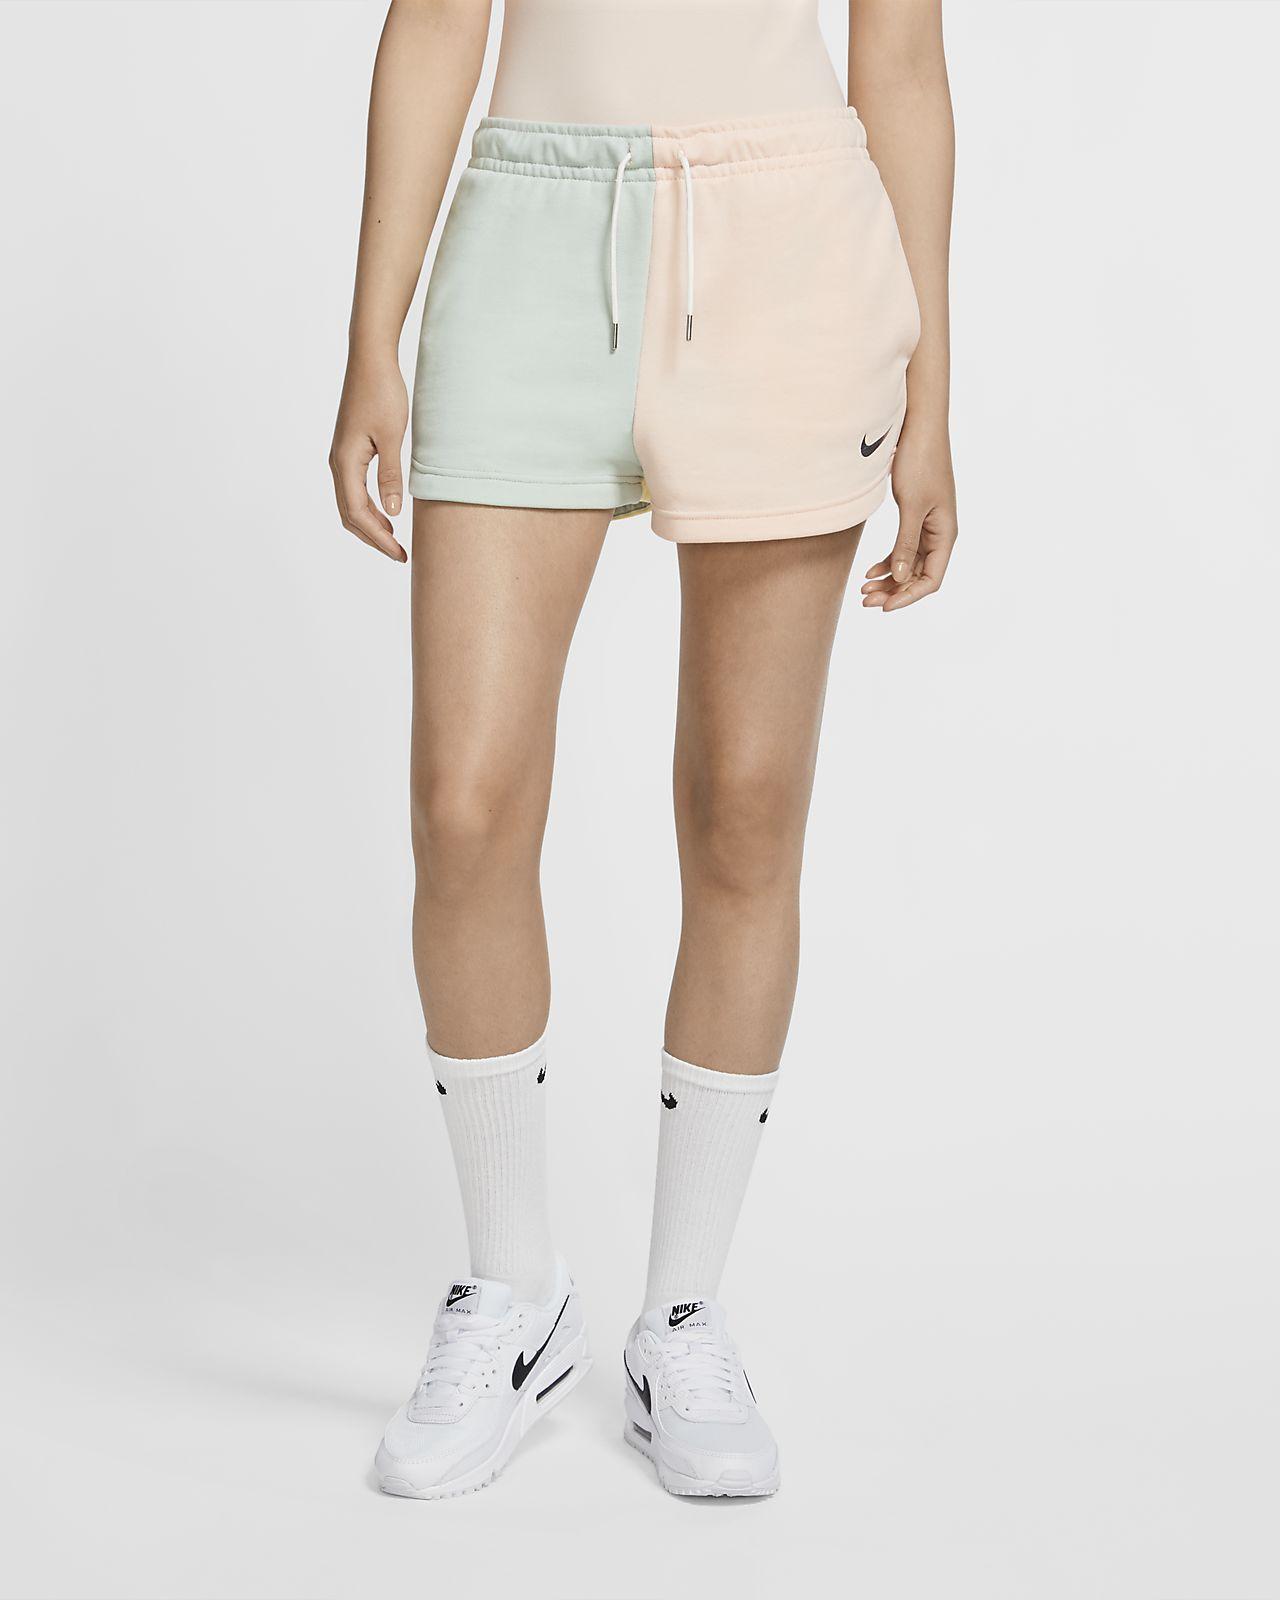 Dámské kraťasy Nike Sportswear Swoosh z francouzského froté